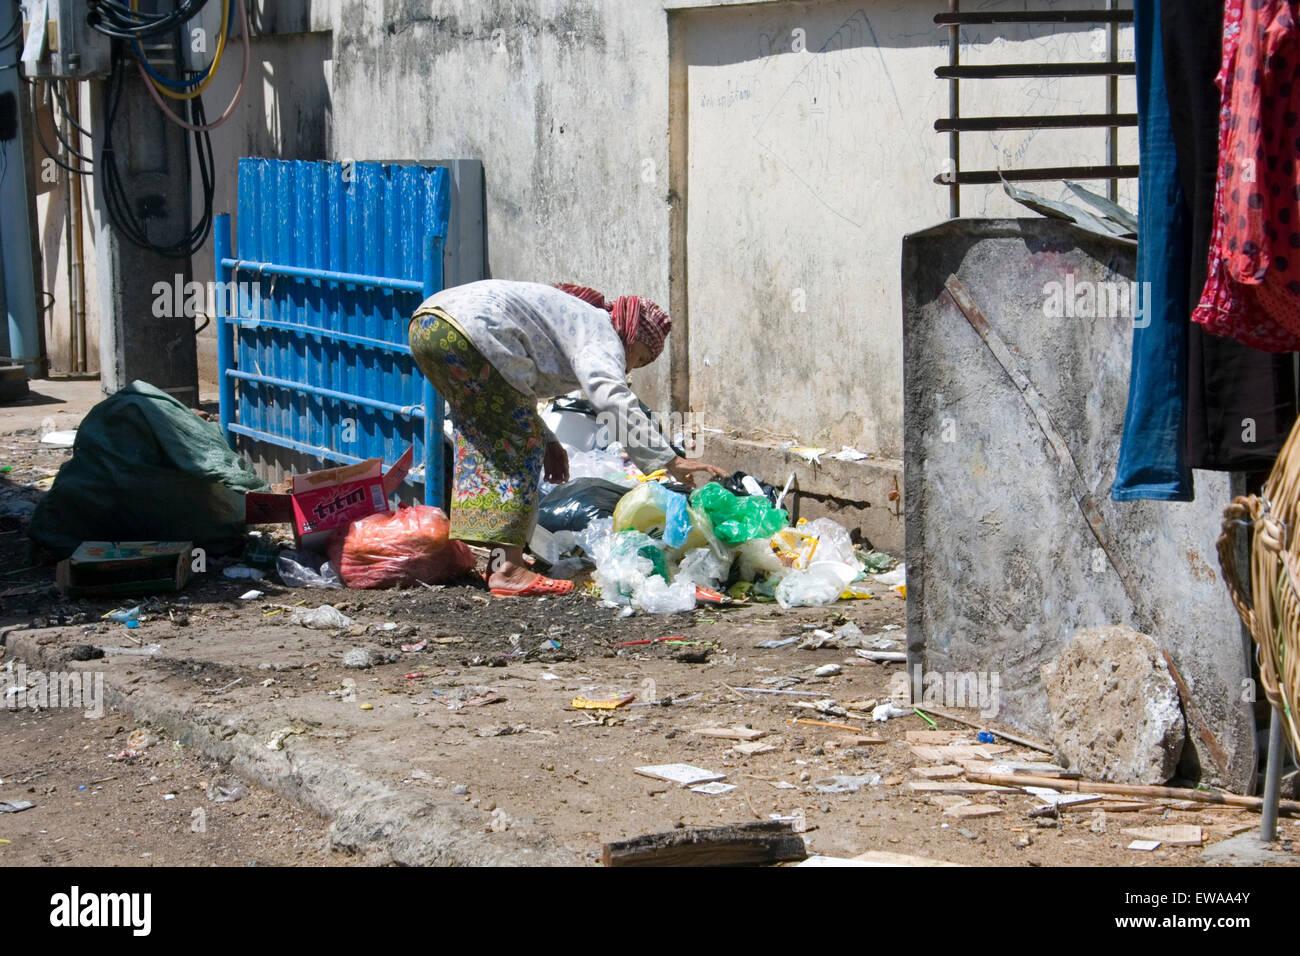 Eine ältere Frau ist durch Kunststoff für Wertstoffe auf einer Stadtstraße in Kampong Cham, Kambodscha Stockbild